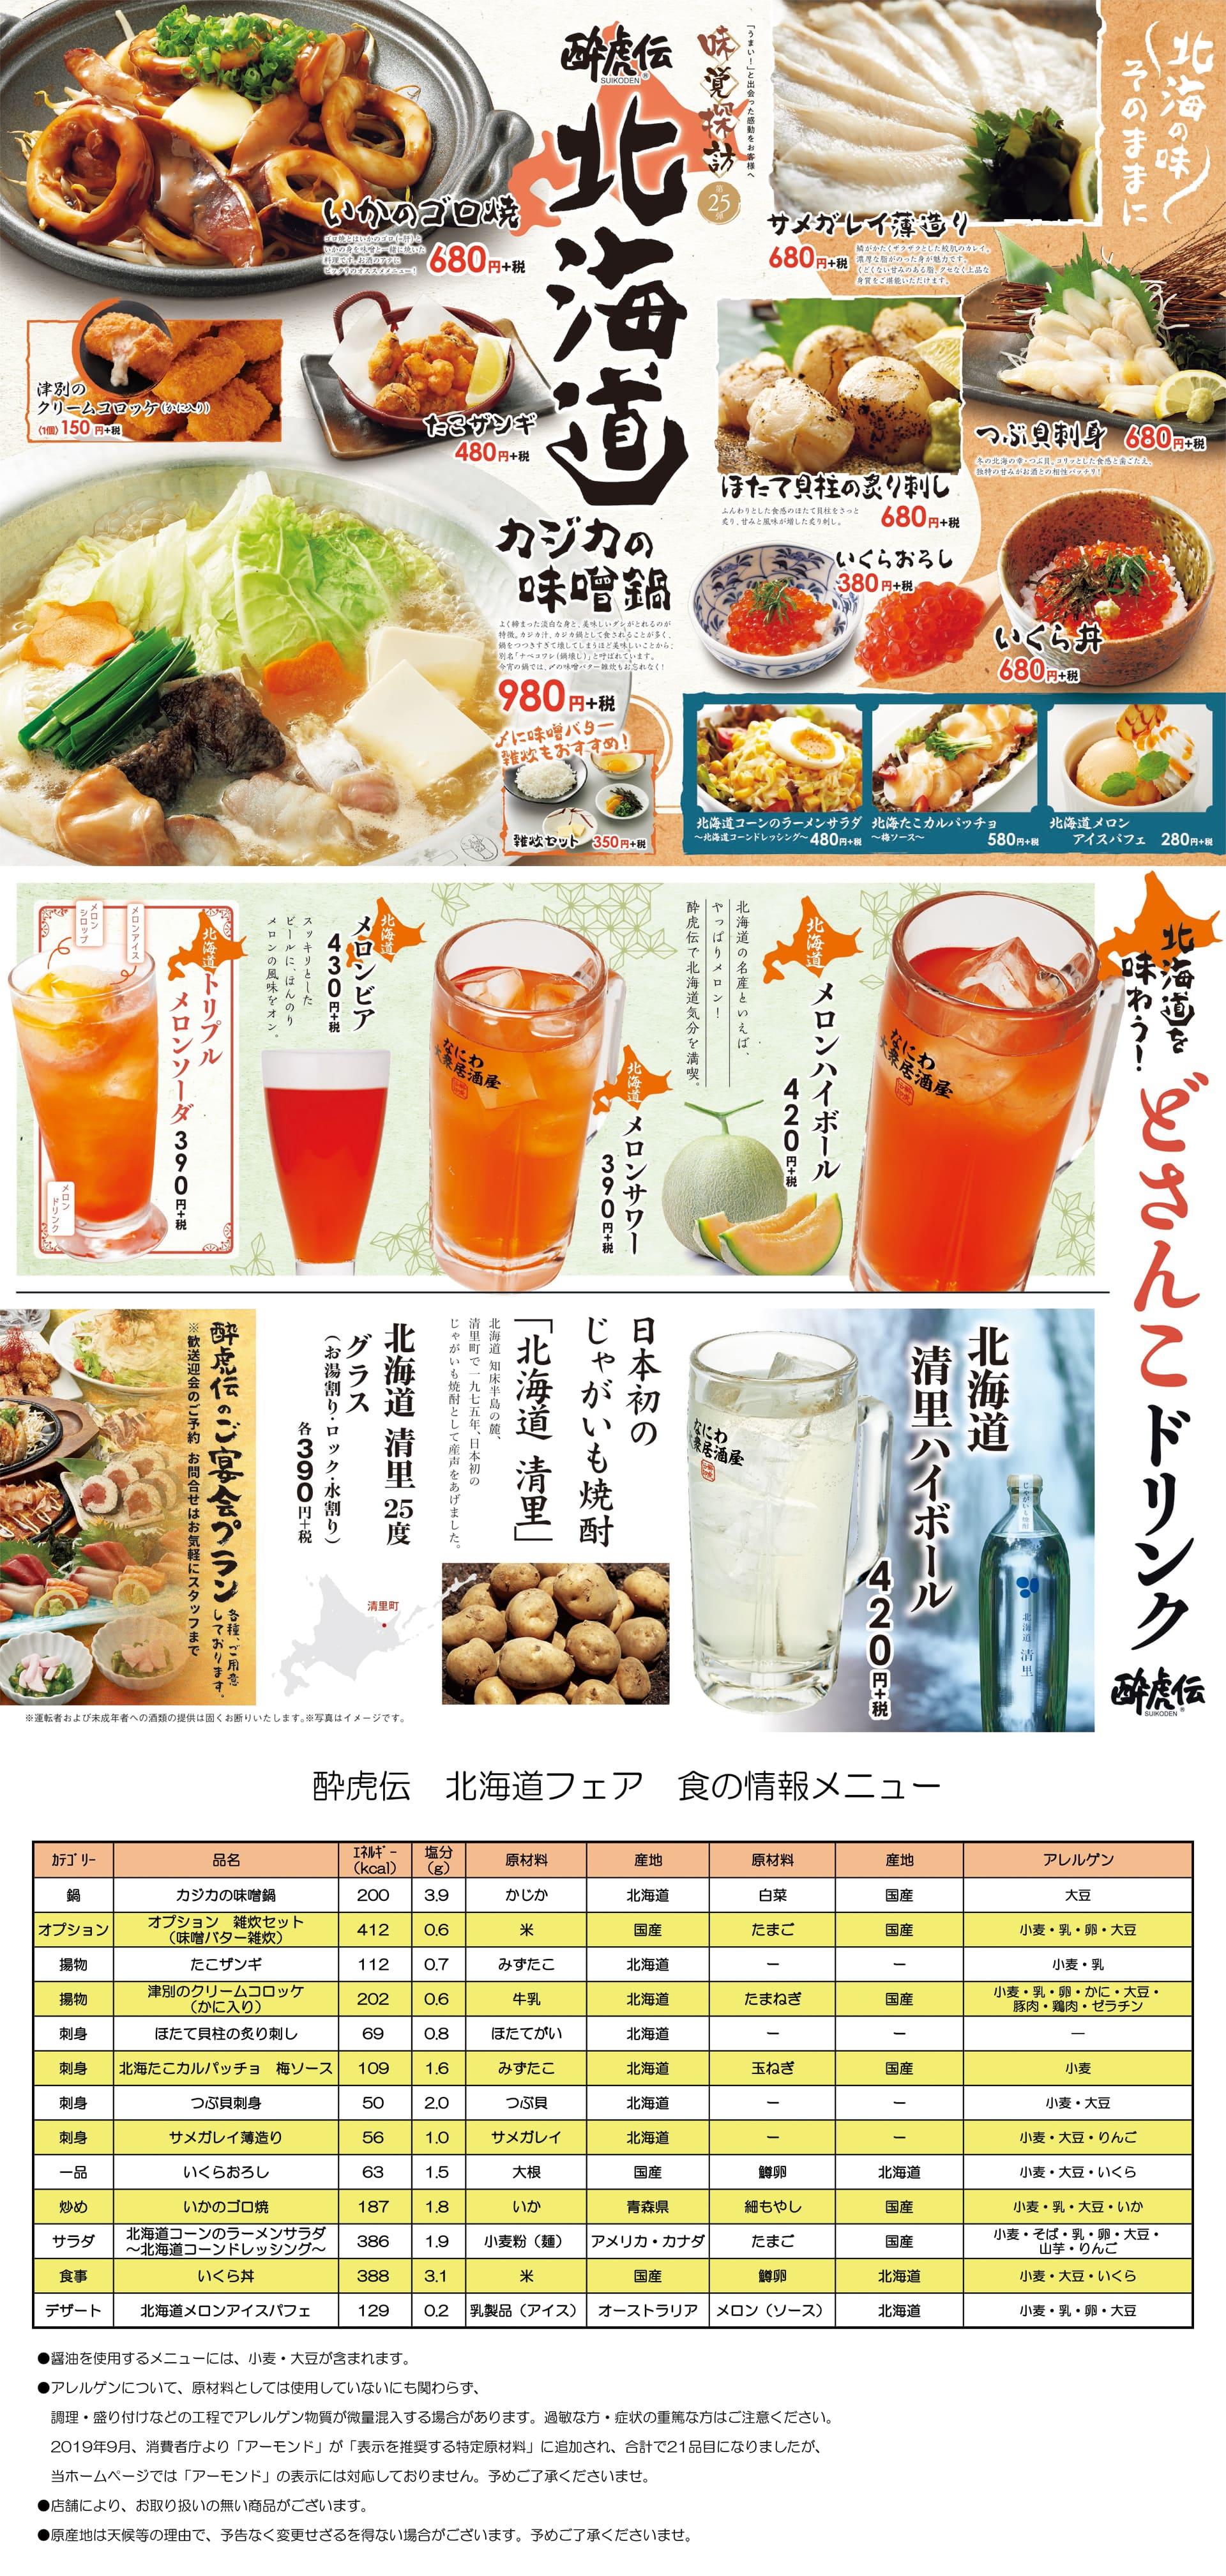 酔虎伝「味覚探訪第25弾-北海道-」